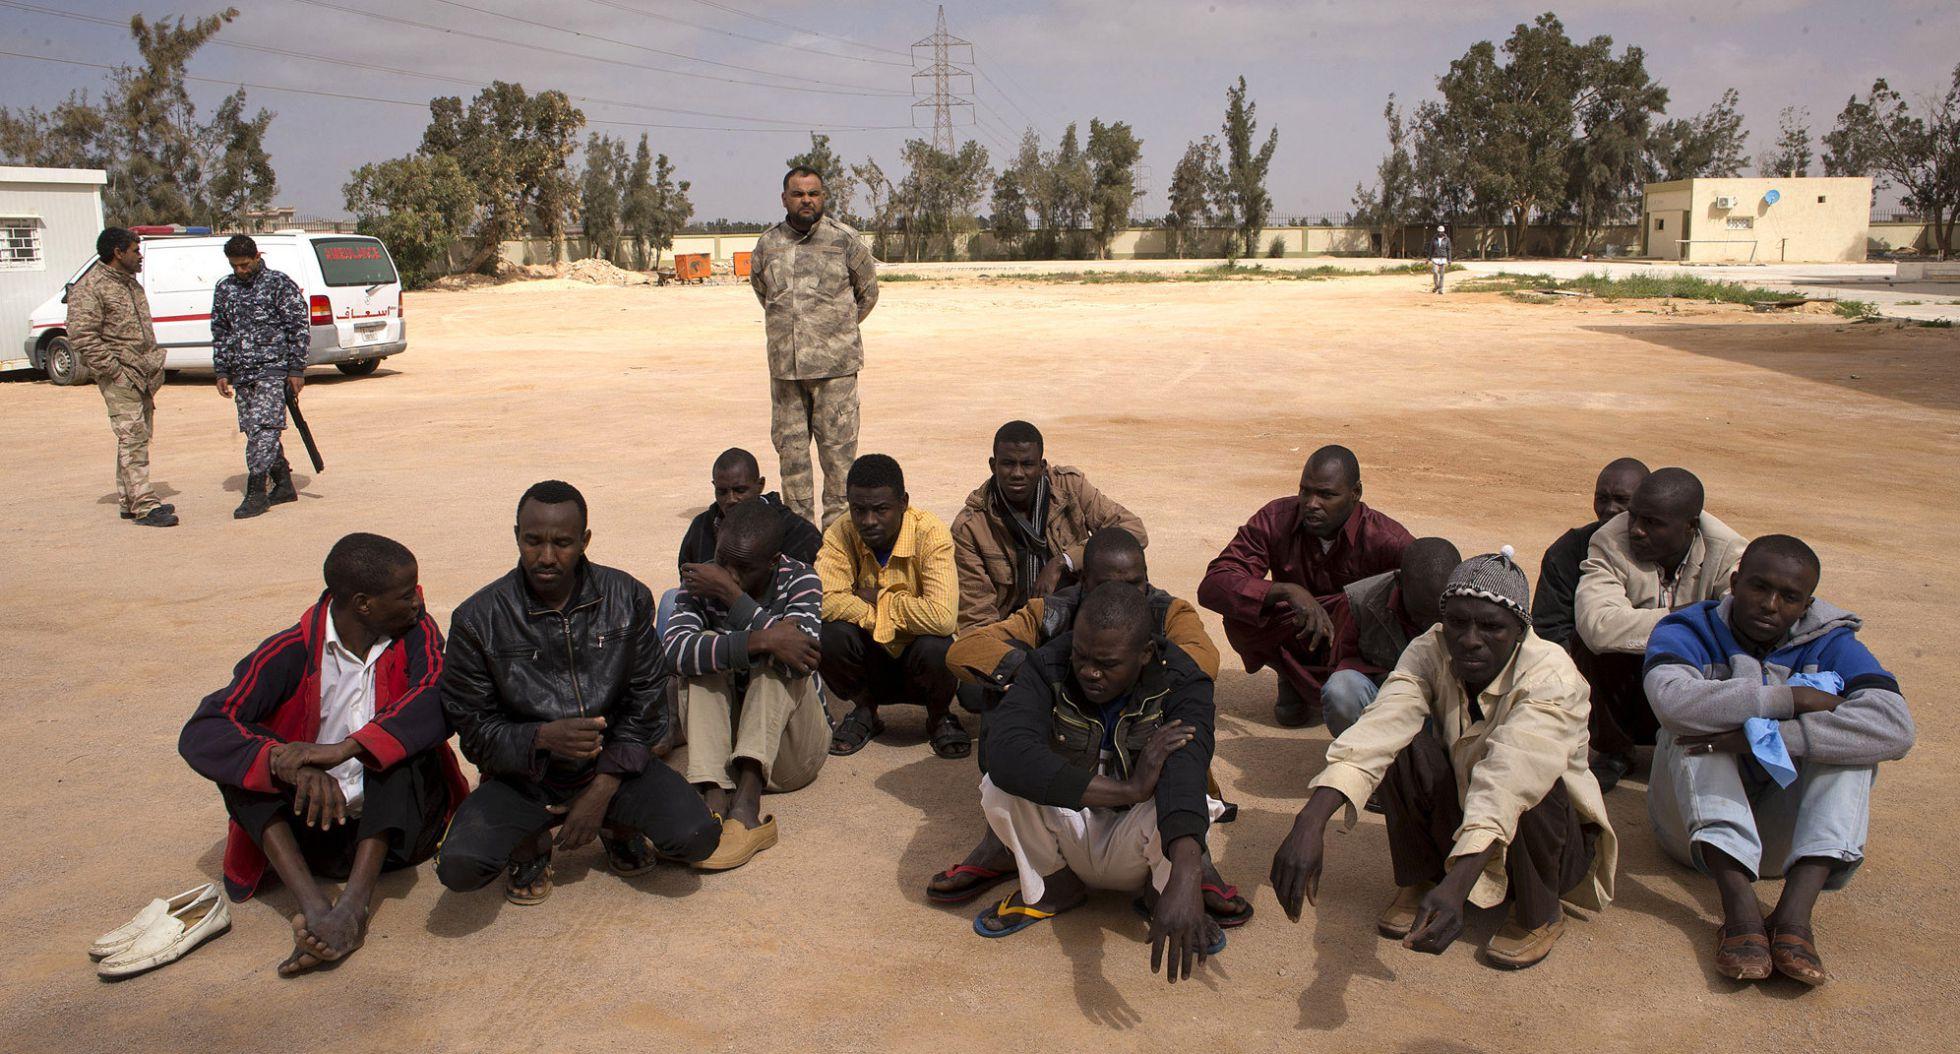 Libia. Internacionalismo proletario frente a apoyo a bandos capitalistas. - Página 11 1456430911_091109_1456431133_noticia_normal_recorte1